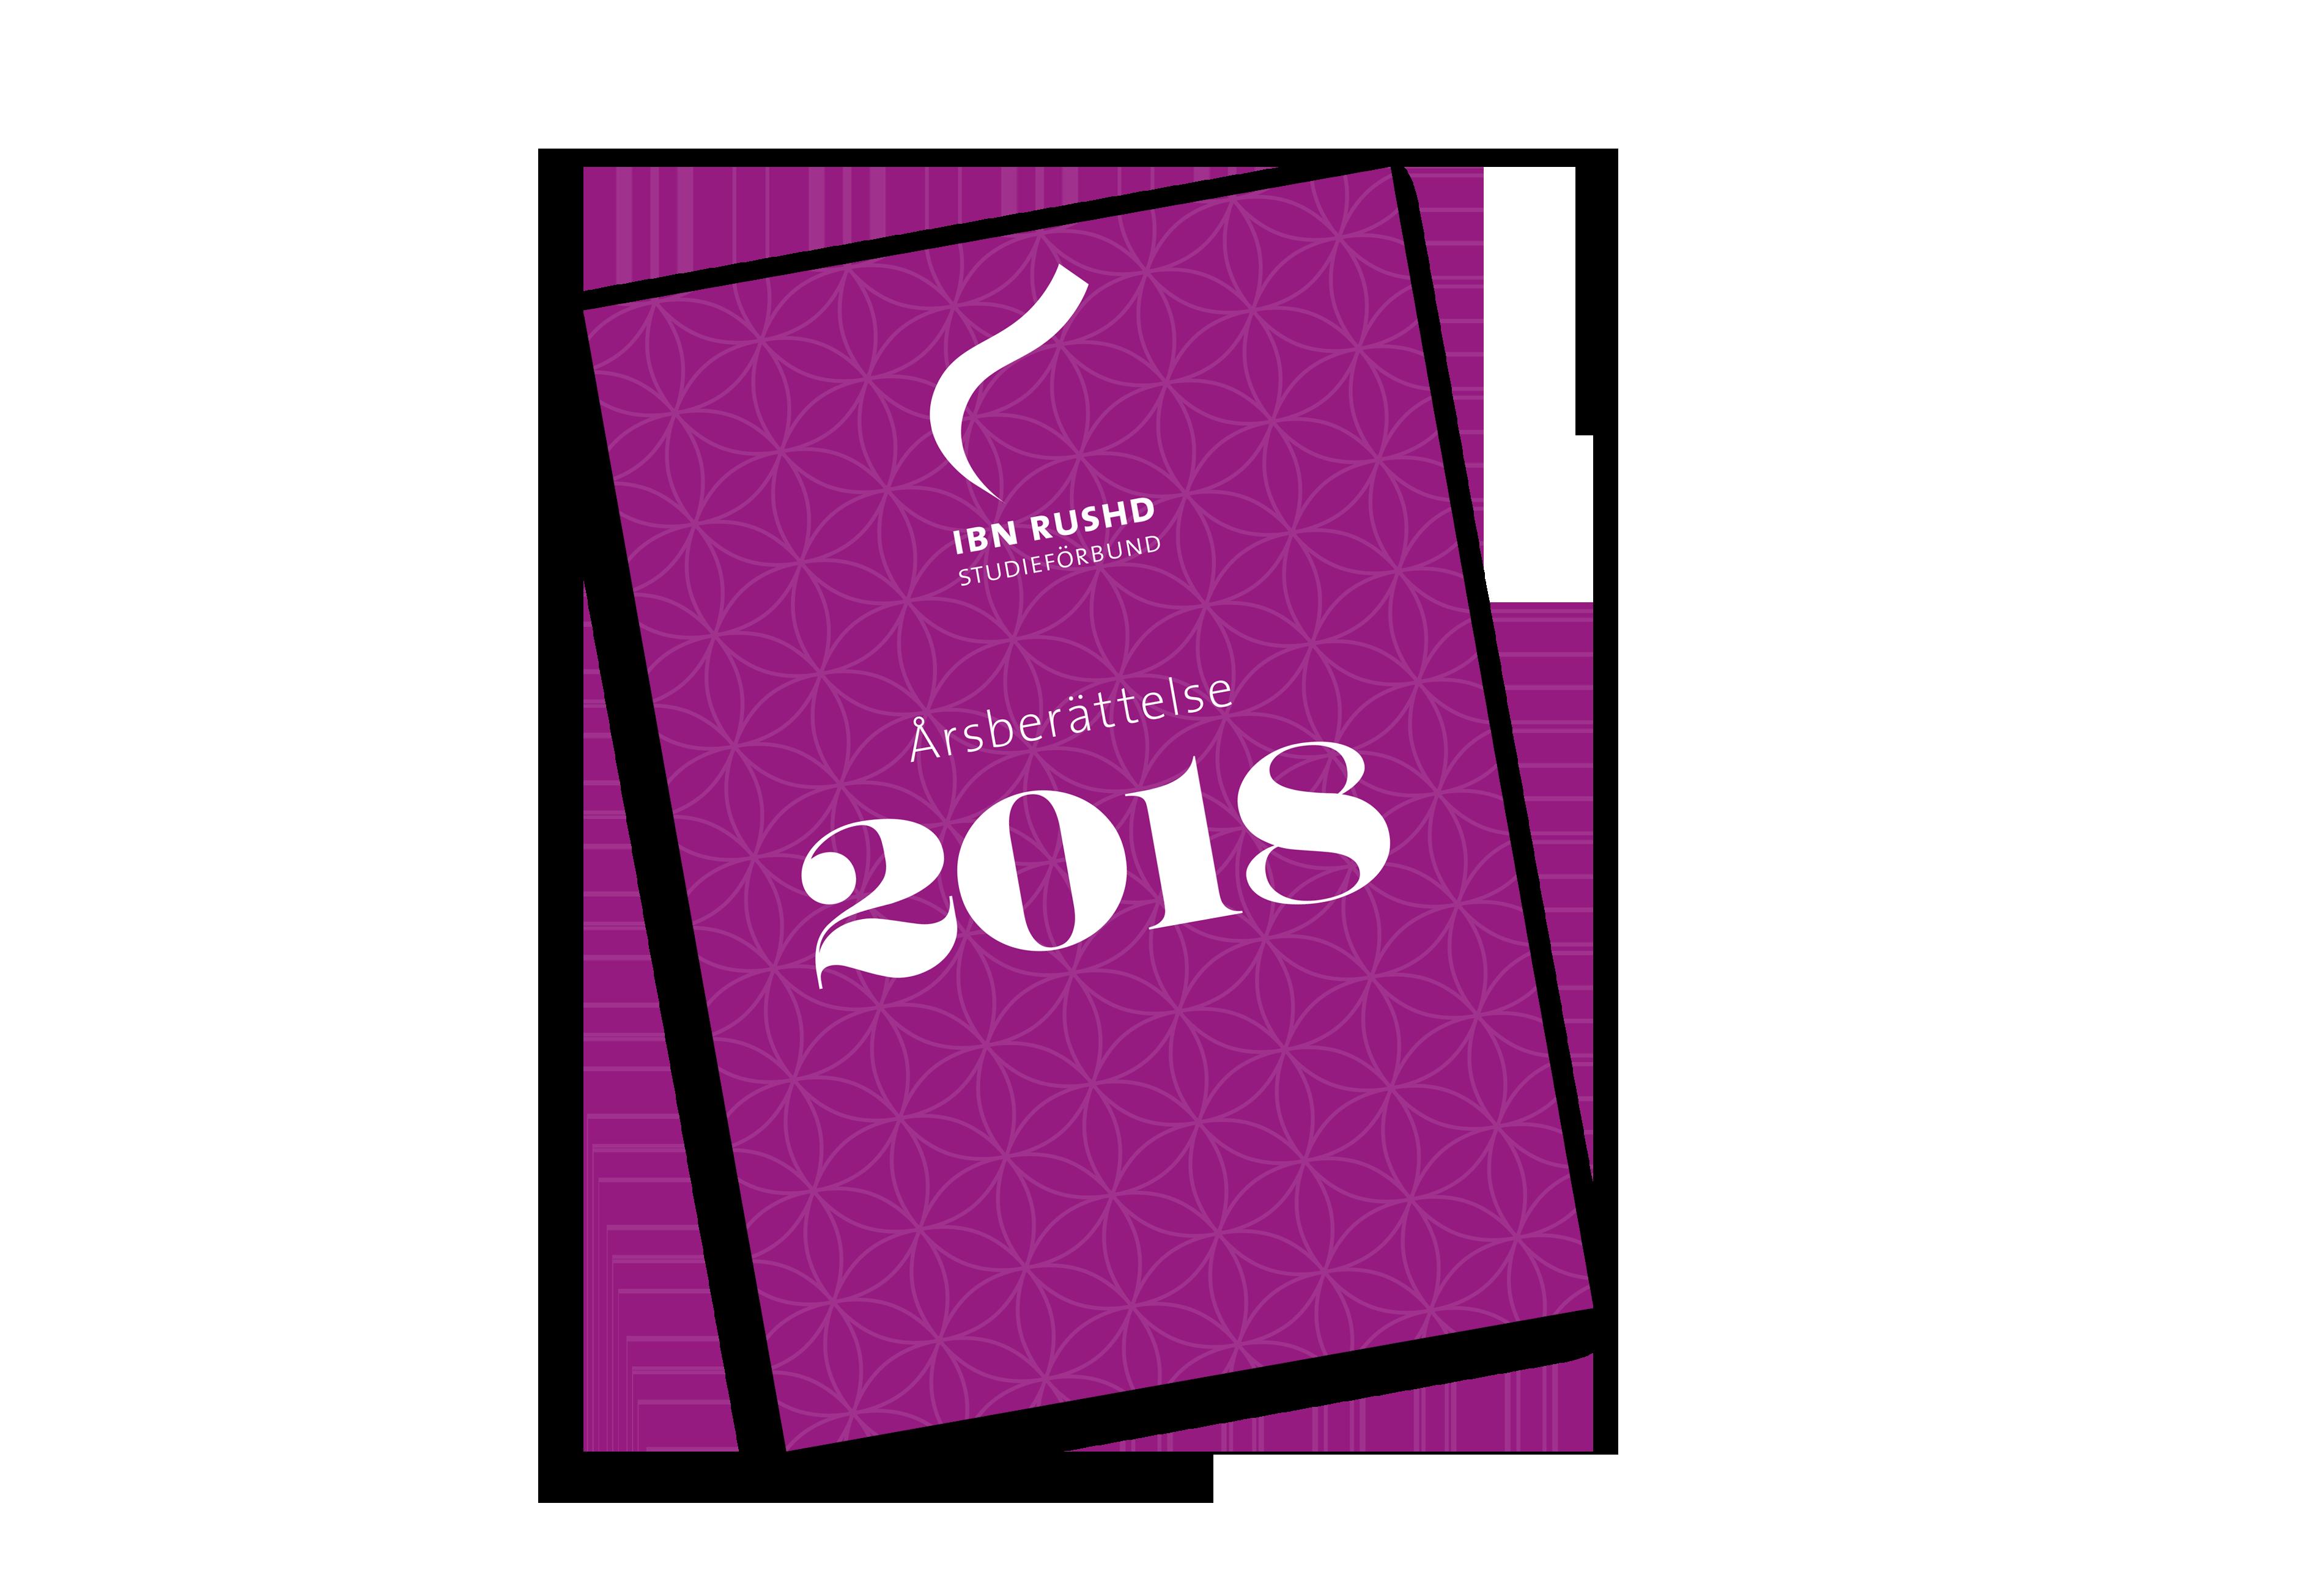 Ibn Rushds årsberättelse 2018